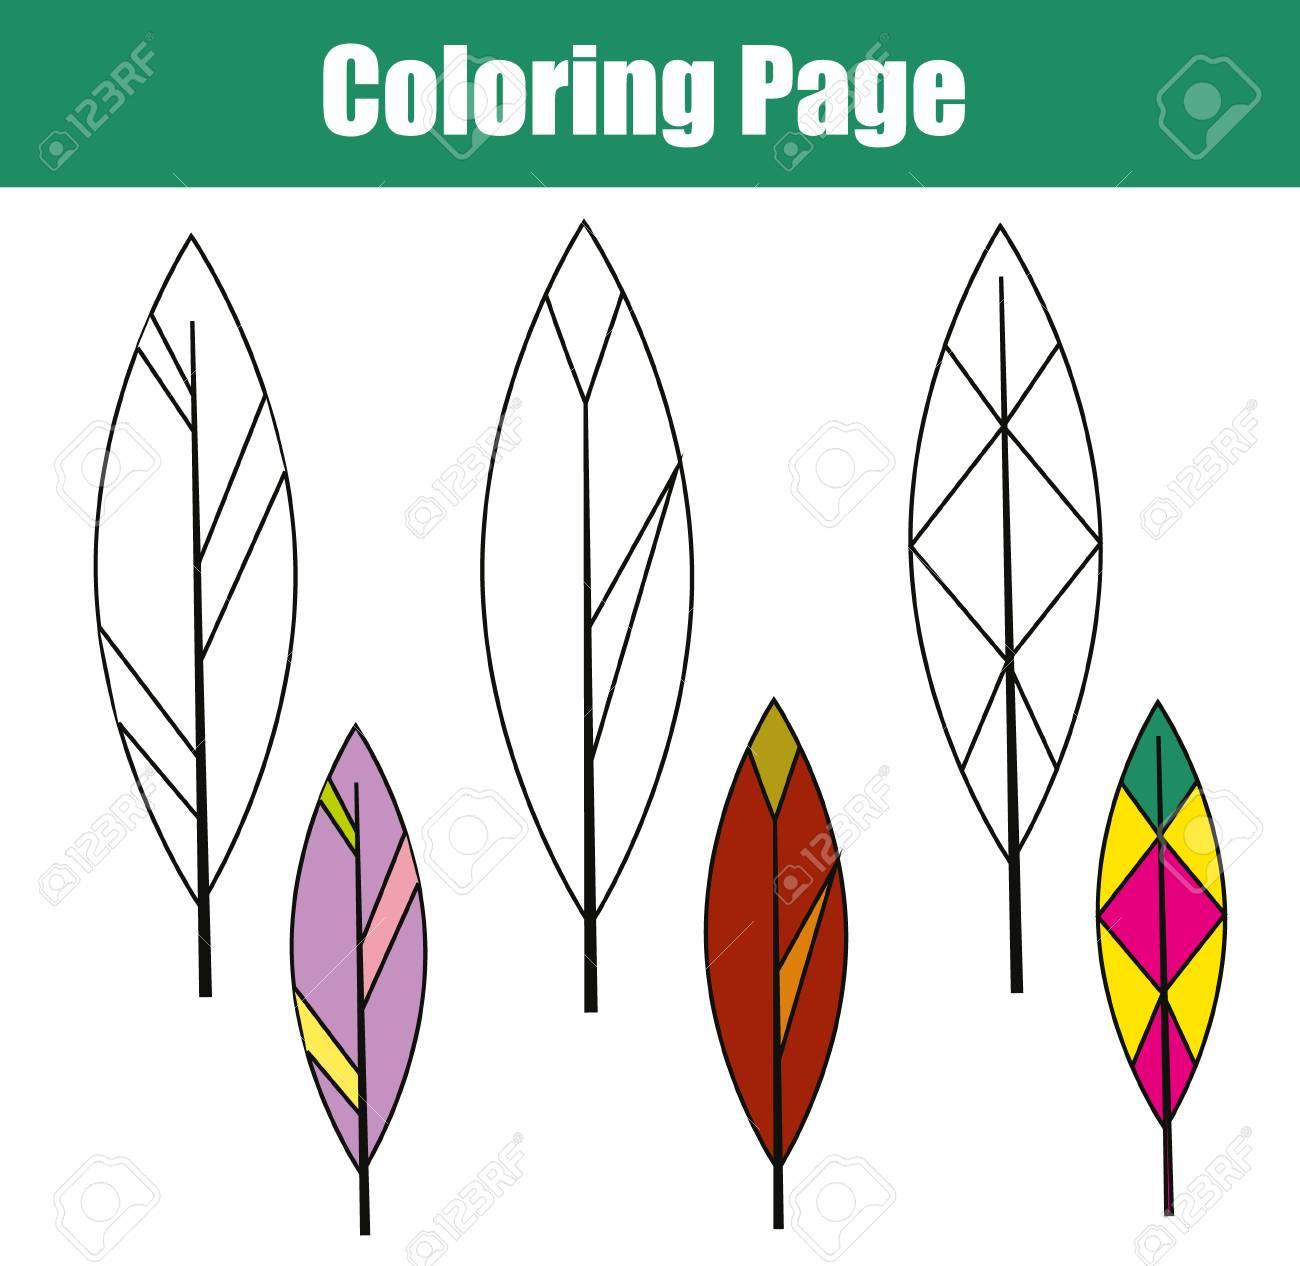 Vettoriale Pagina Da Colorare Con Piume Di Uccello Gioco